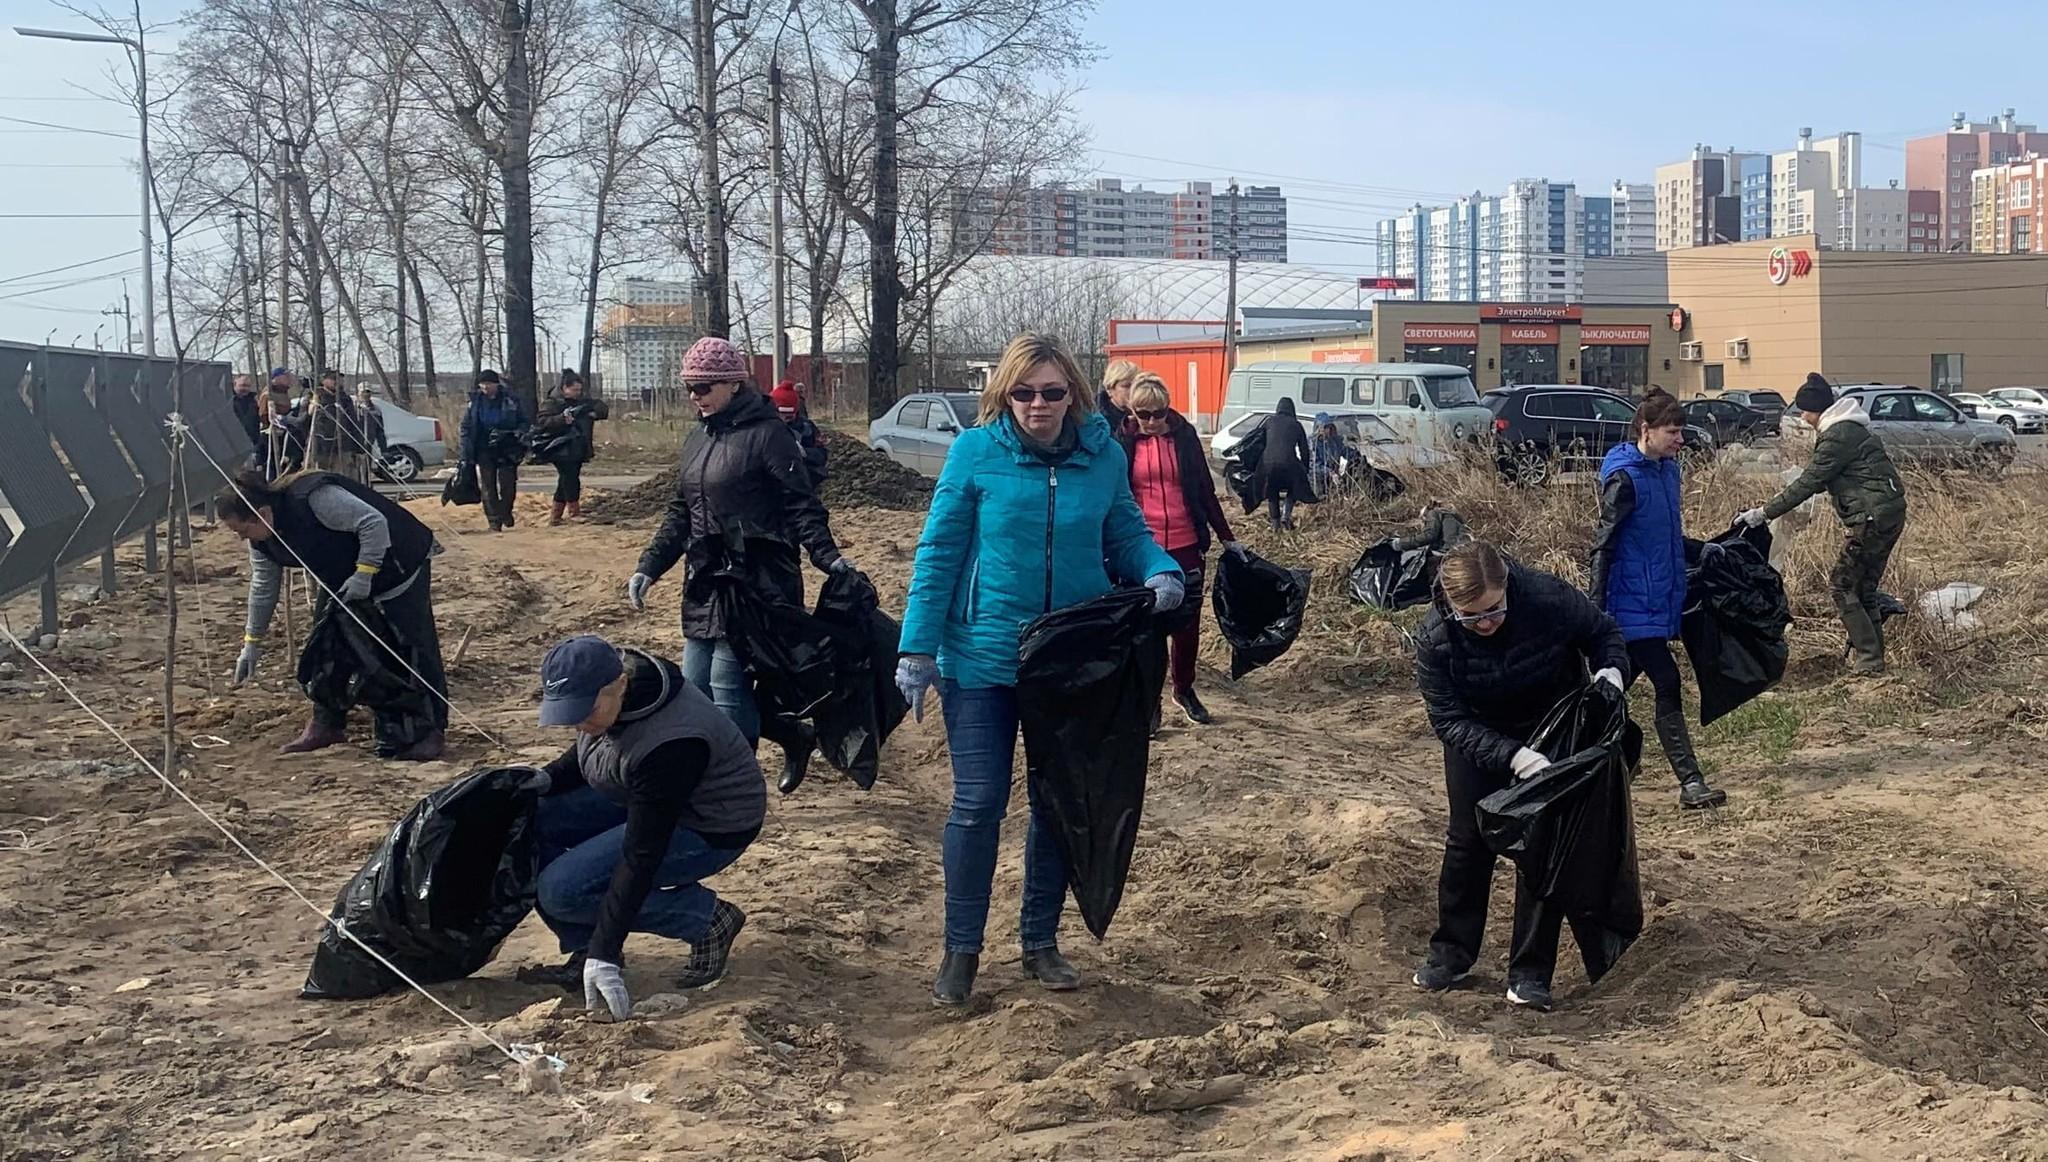 Около 300 кубометров мусора собрали в Твери на втором общегородском субботнике - новости Афанасий